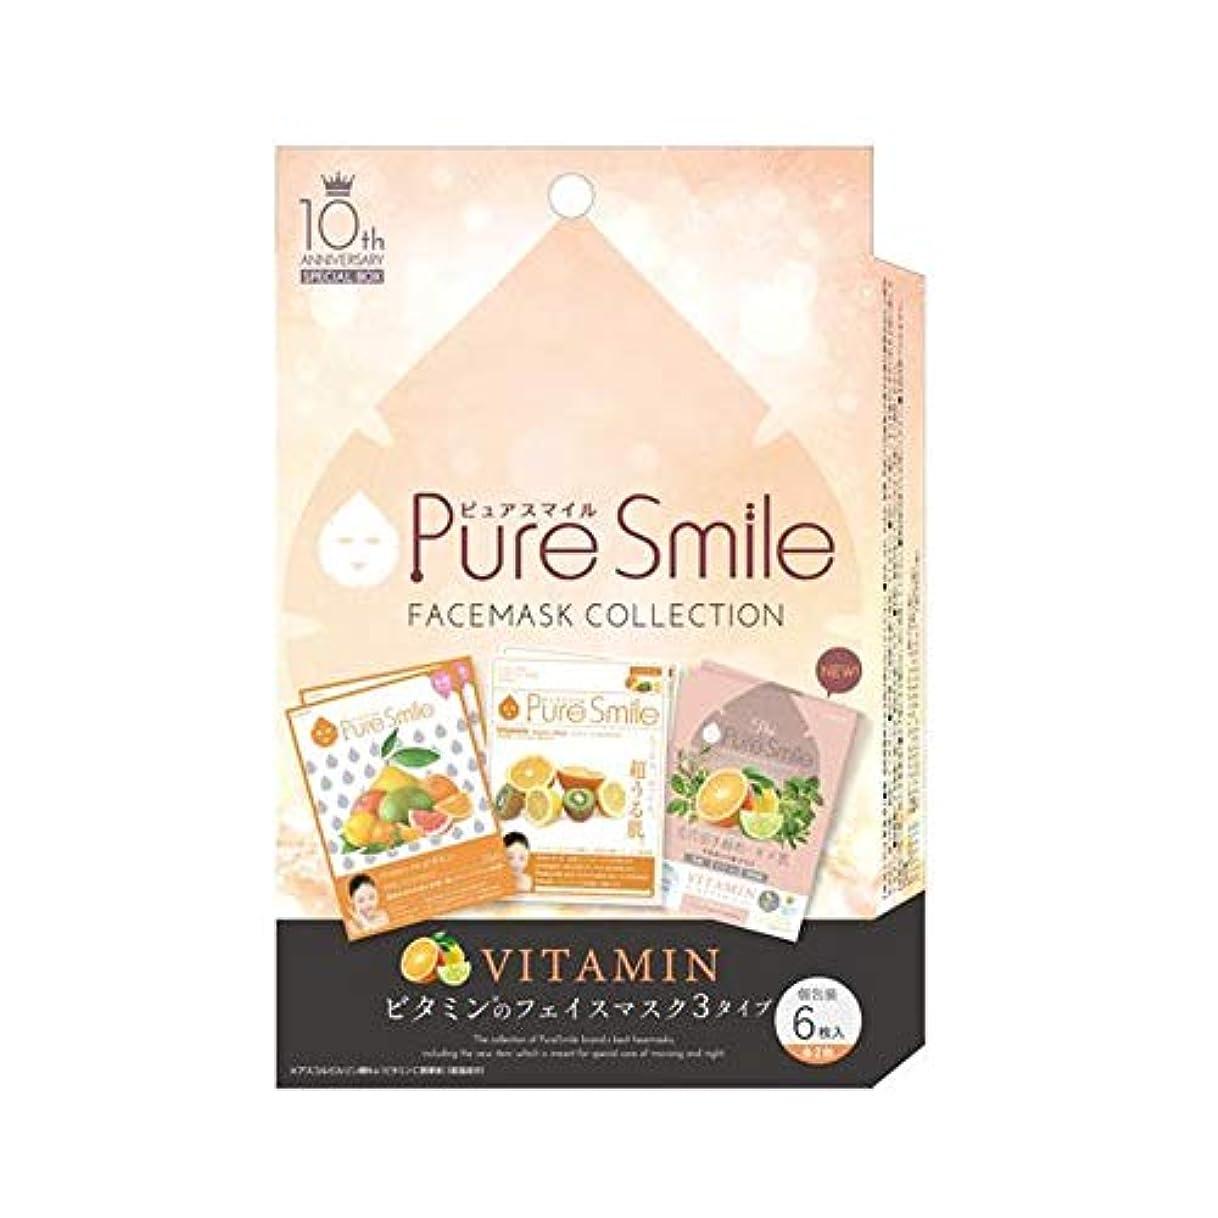 確立します外向き同情的ピュア スマイル Pure Smile 10thアニバーサリー スペシャルボックス ビタミン 6枚入り